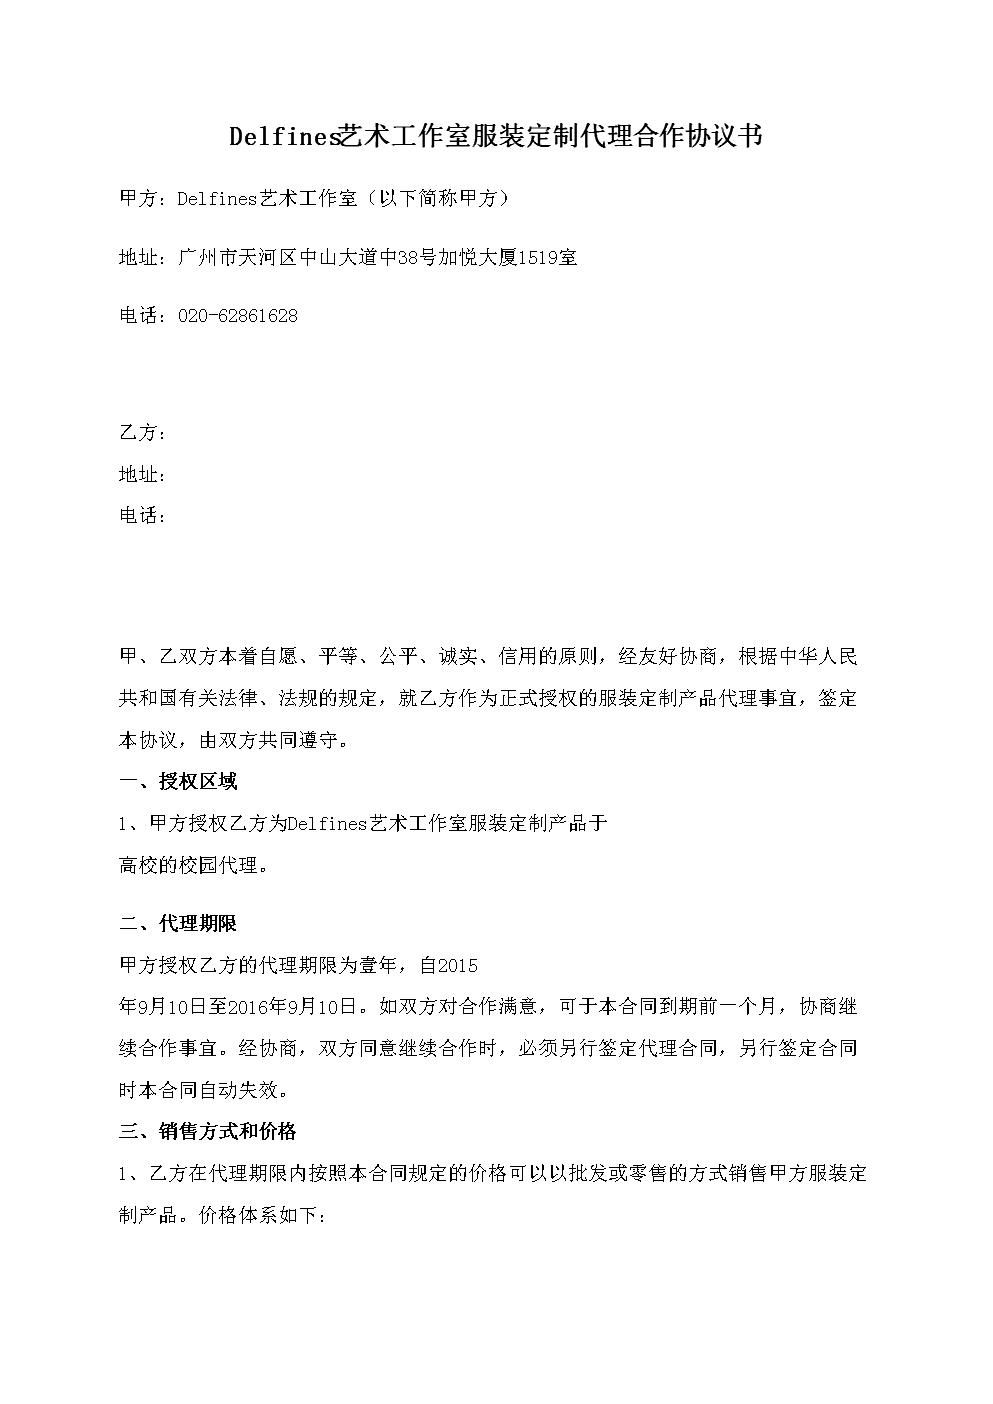 精选模板:服装定制代理合作协议书01.doc